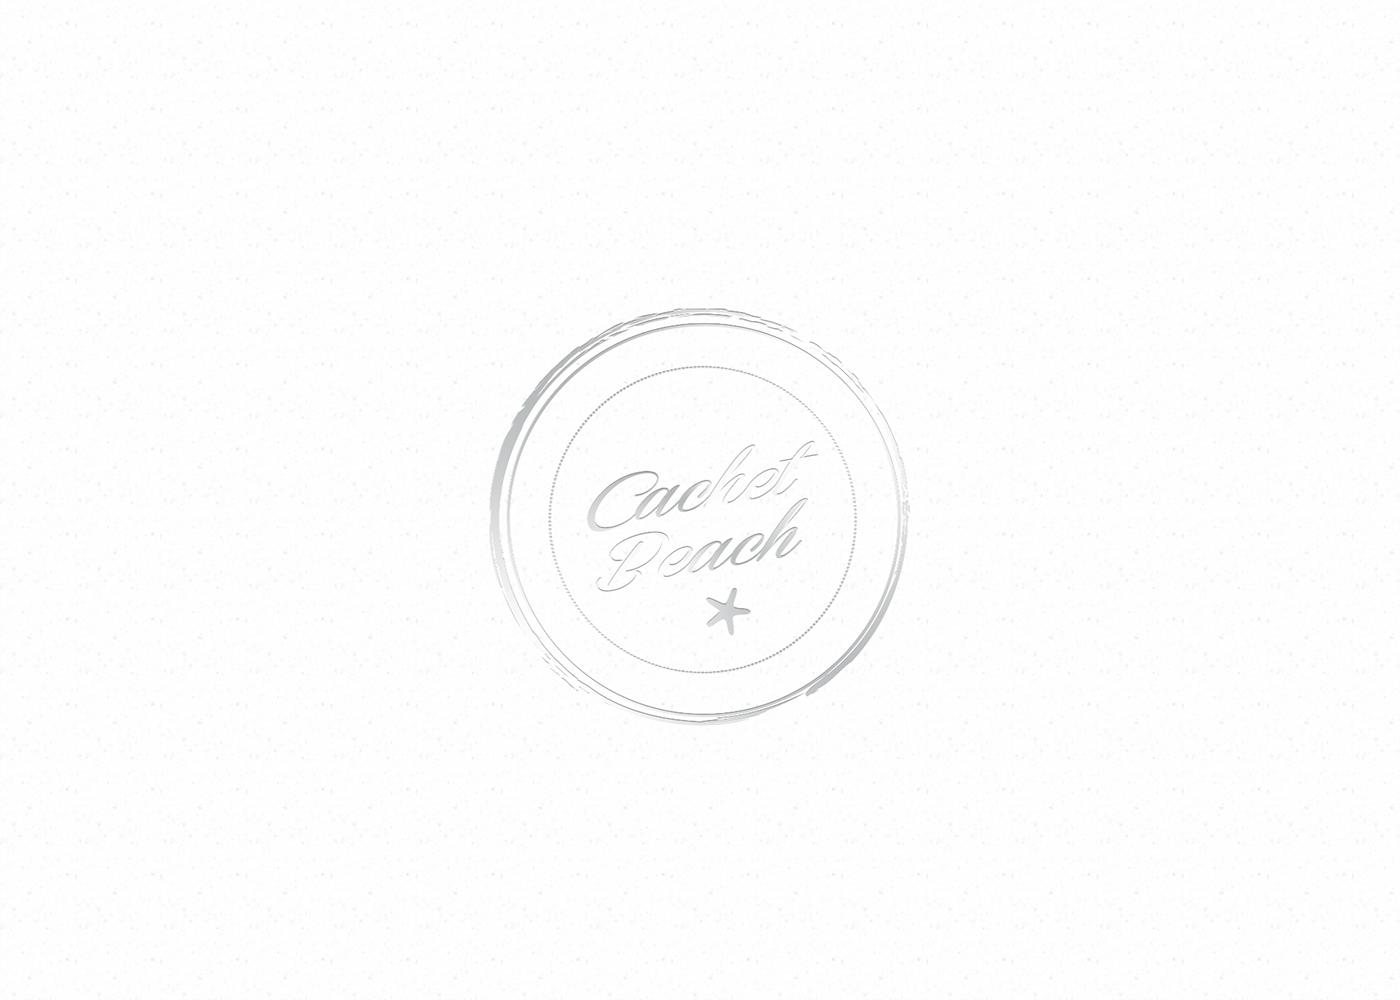 Cachet Beach logo branding  design